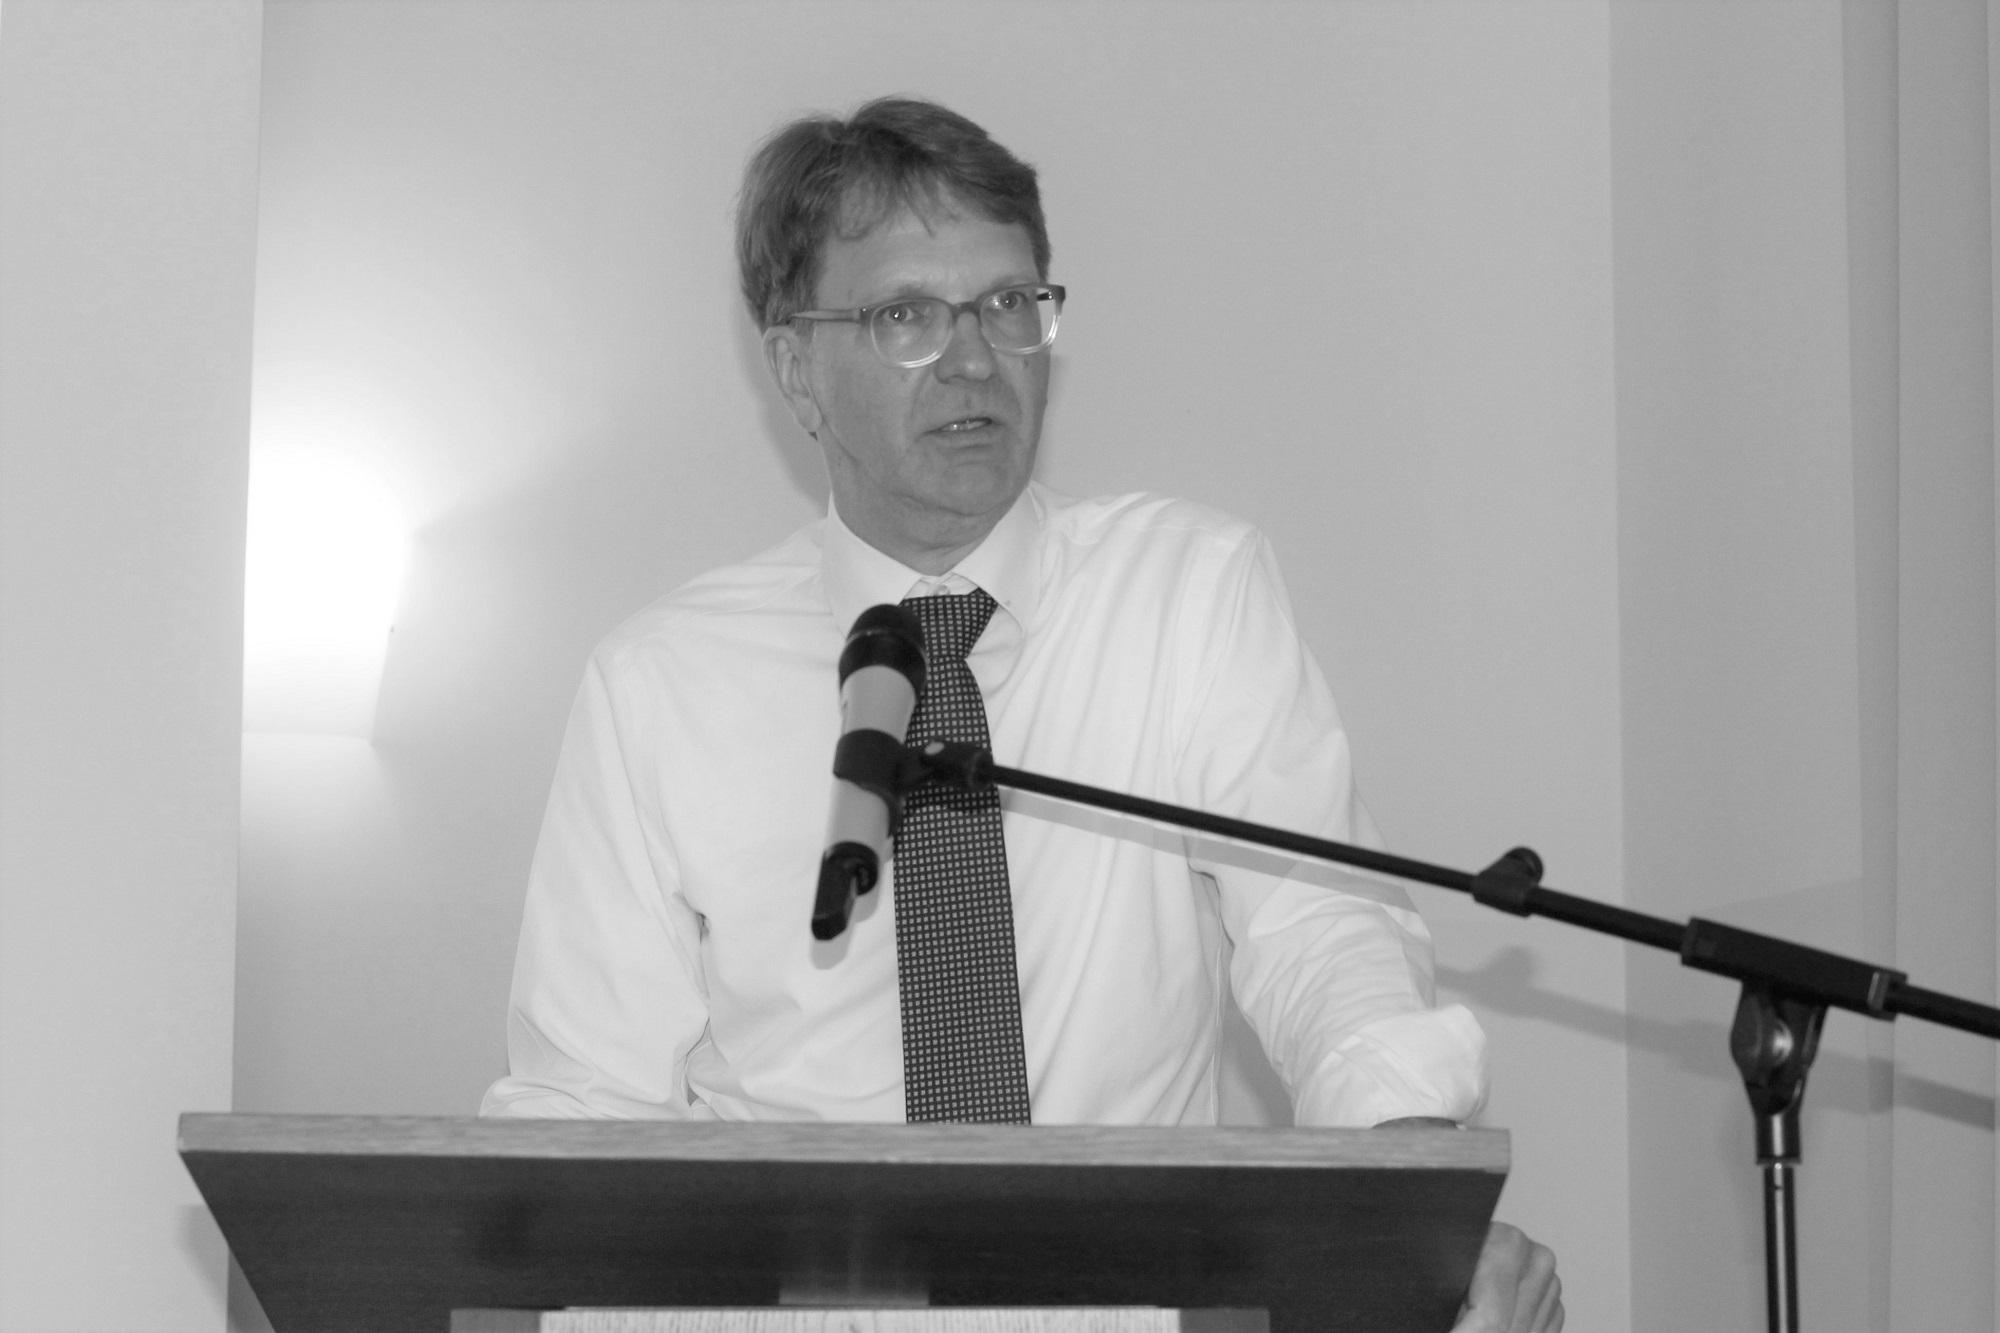 Dr. Frank Schindler